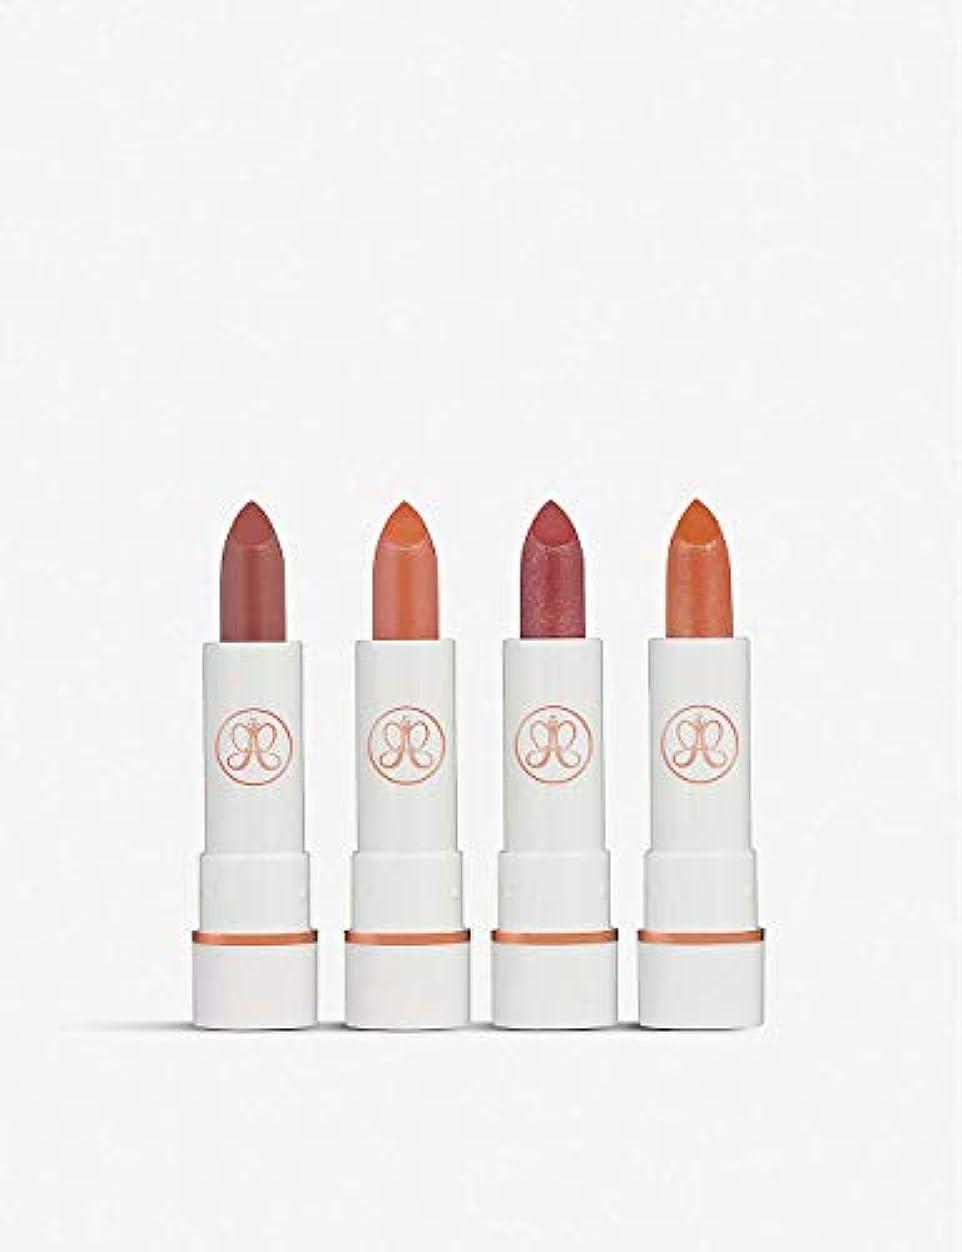 水素グリップ鎖Mini matte lipsticks set of four ミニサイズ マットリップステック 4本x1.3g Guava/Coconut/Orange Blossom/Lychee